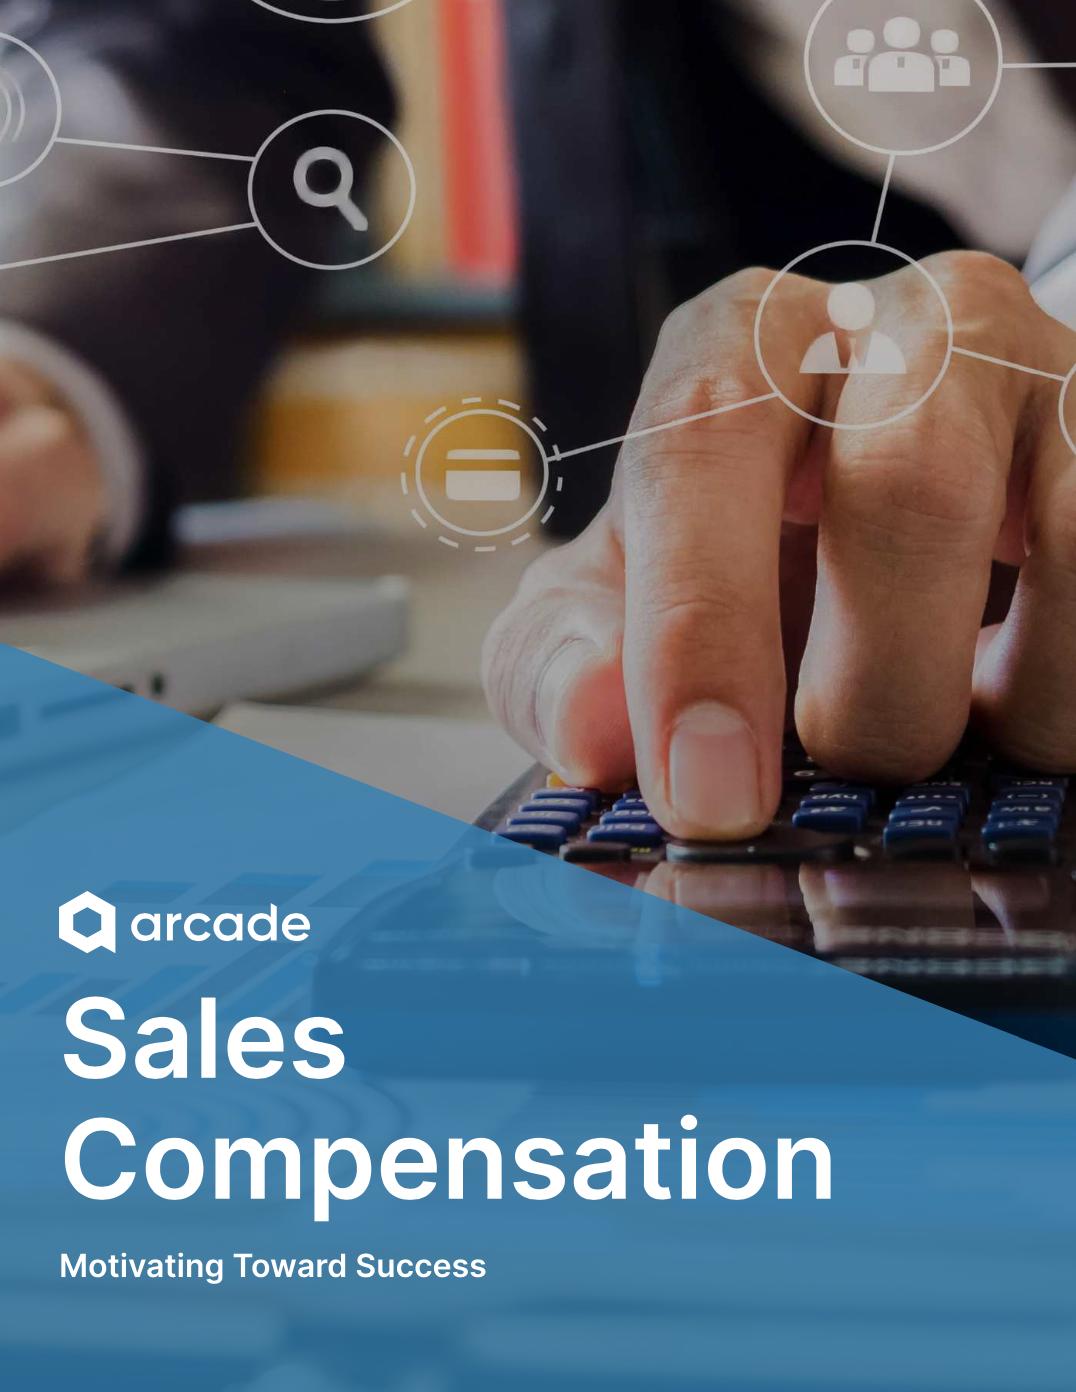 Sales Compensation Guide | Arcade